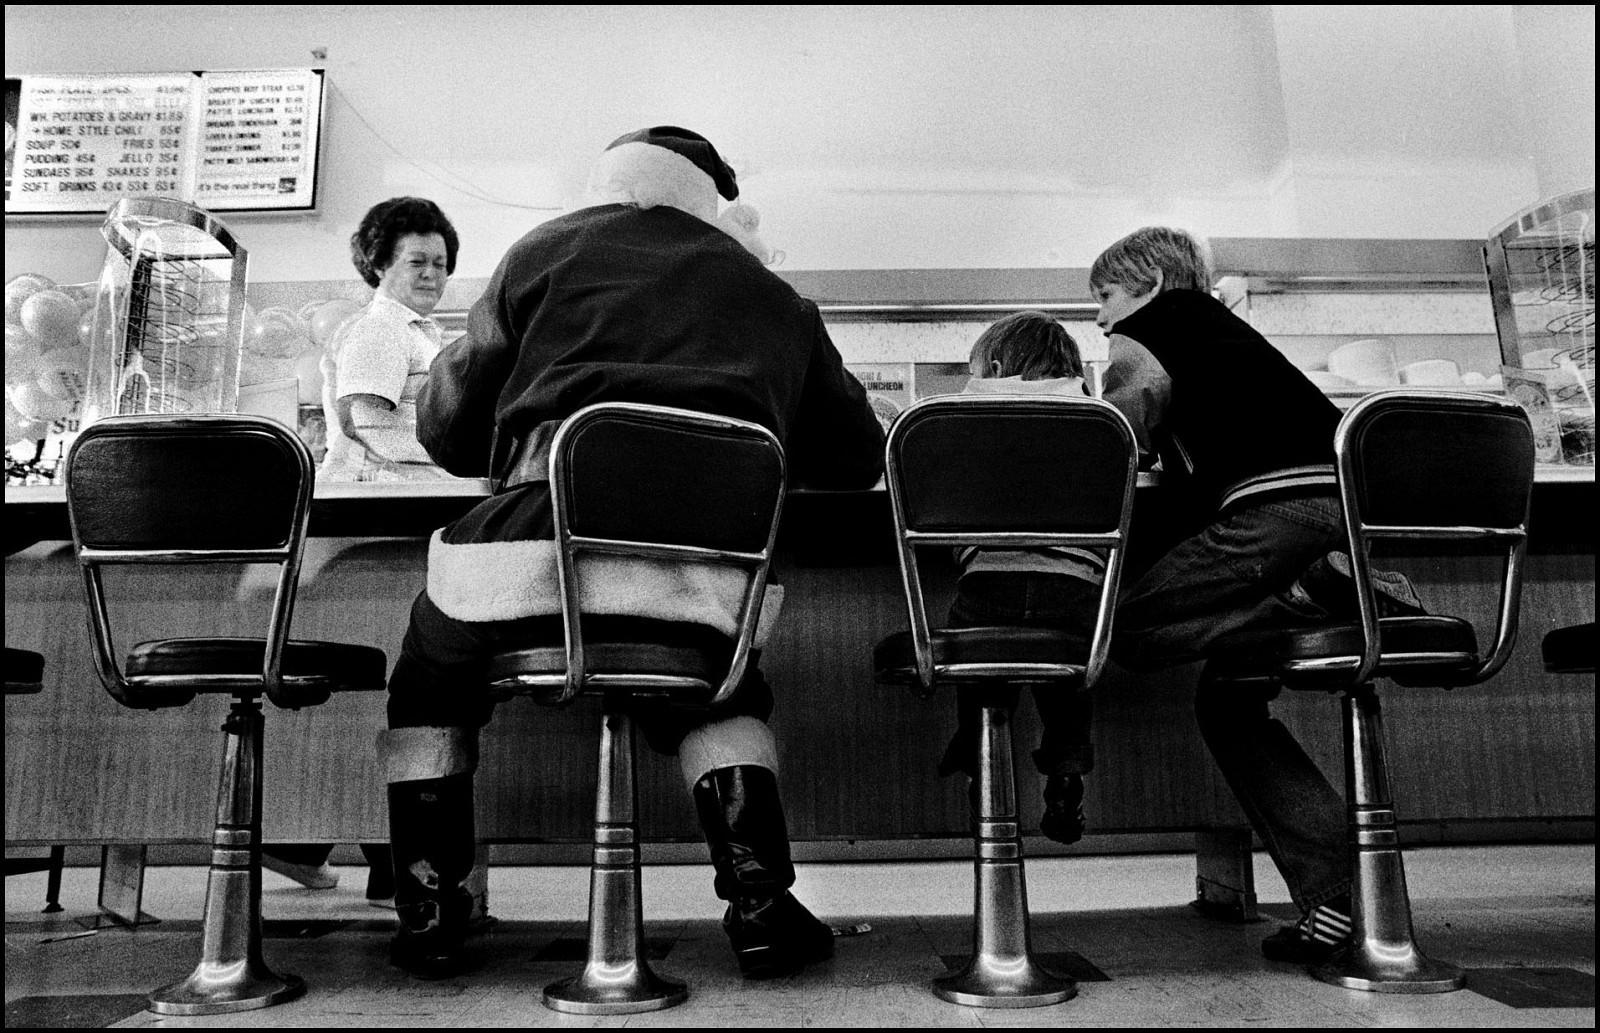 У Санта-Клауса перерыв на обед в Эвансвилле, Индиана, США, 1981. Джефф Уайденер